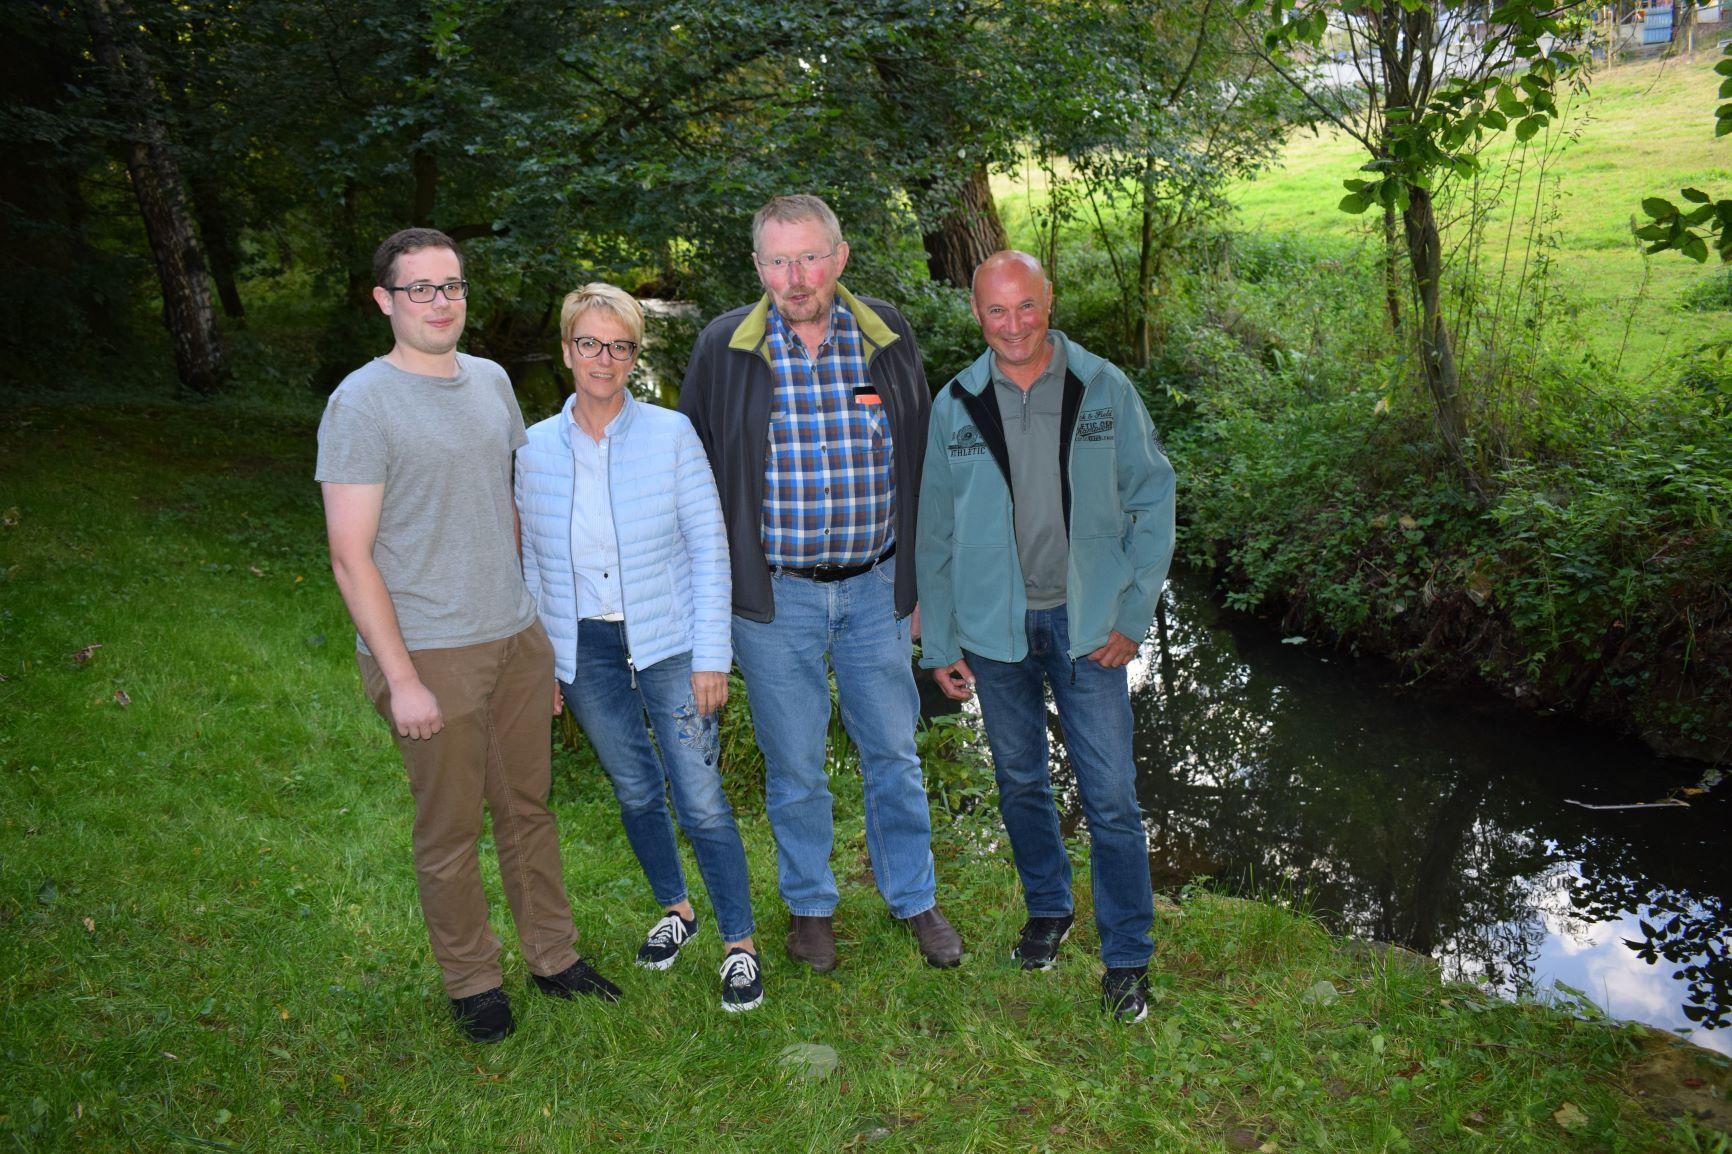 Daniel Weber, Ortsvorsteherin Hiltrud Kröger, Ludwig Kramer und Josef Kröger (v.l.) am Glasebach.